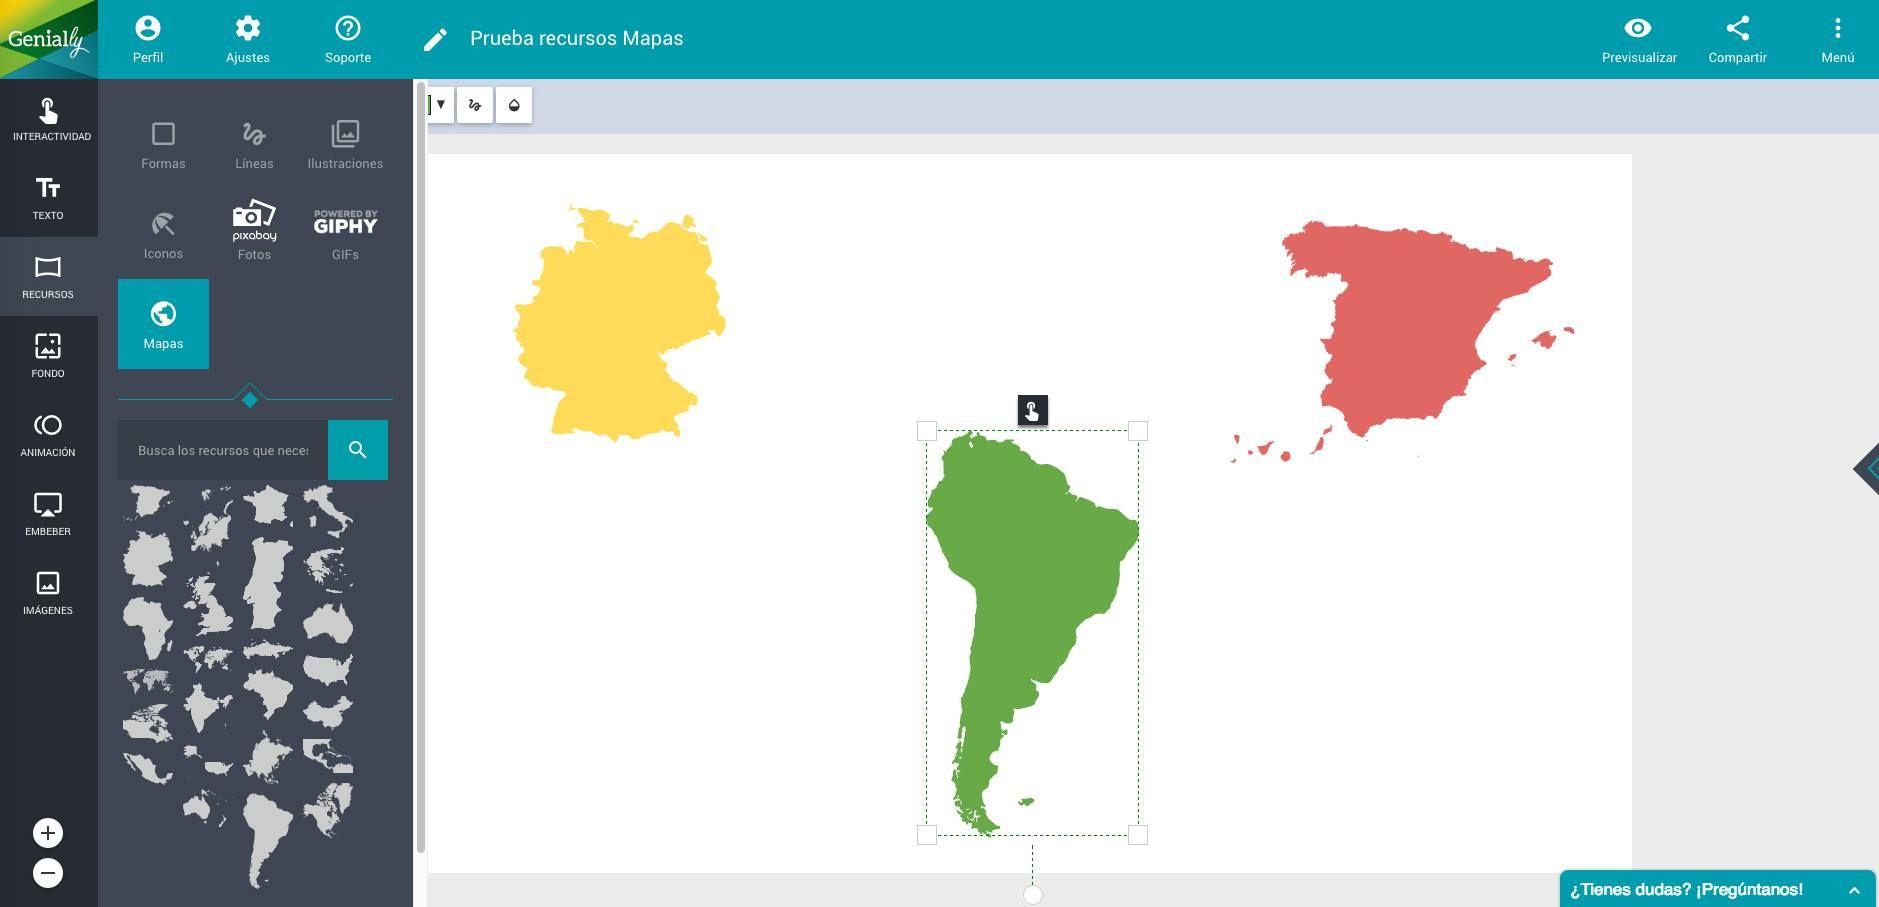 De Nuevo Estamos Por Aquí Con Algunas De Las Novedades De Genially Hoy Os Vamos A Contar Cómo Crear Un Mapa Interactivo De Una Forma Muy Sencilla